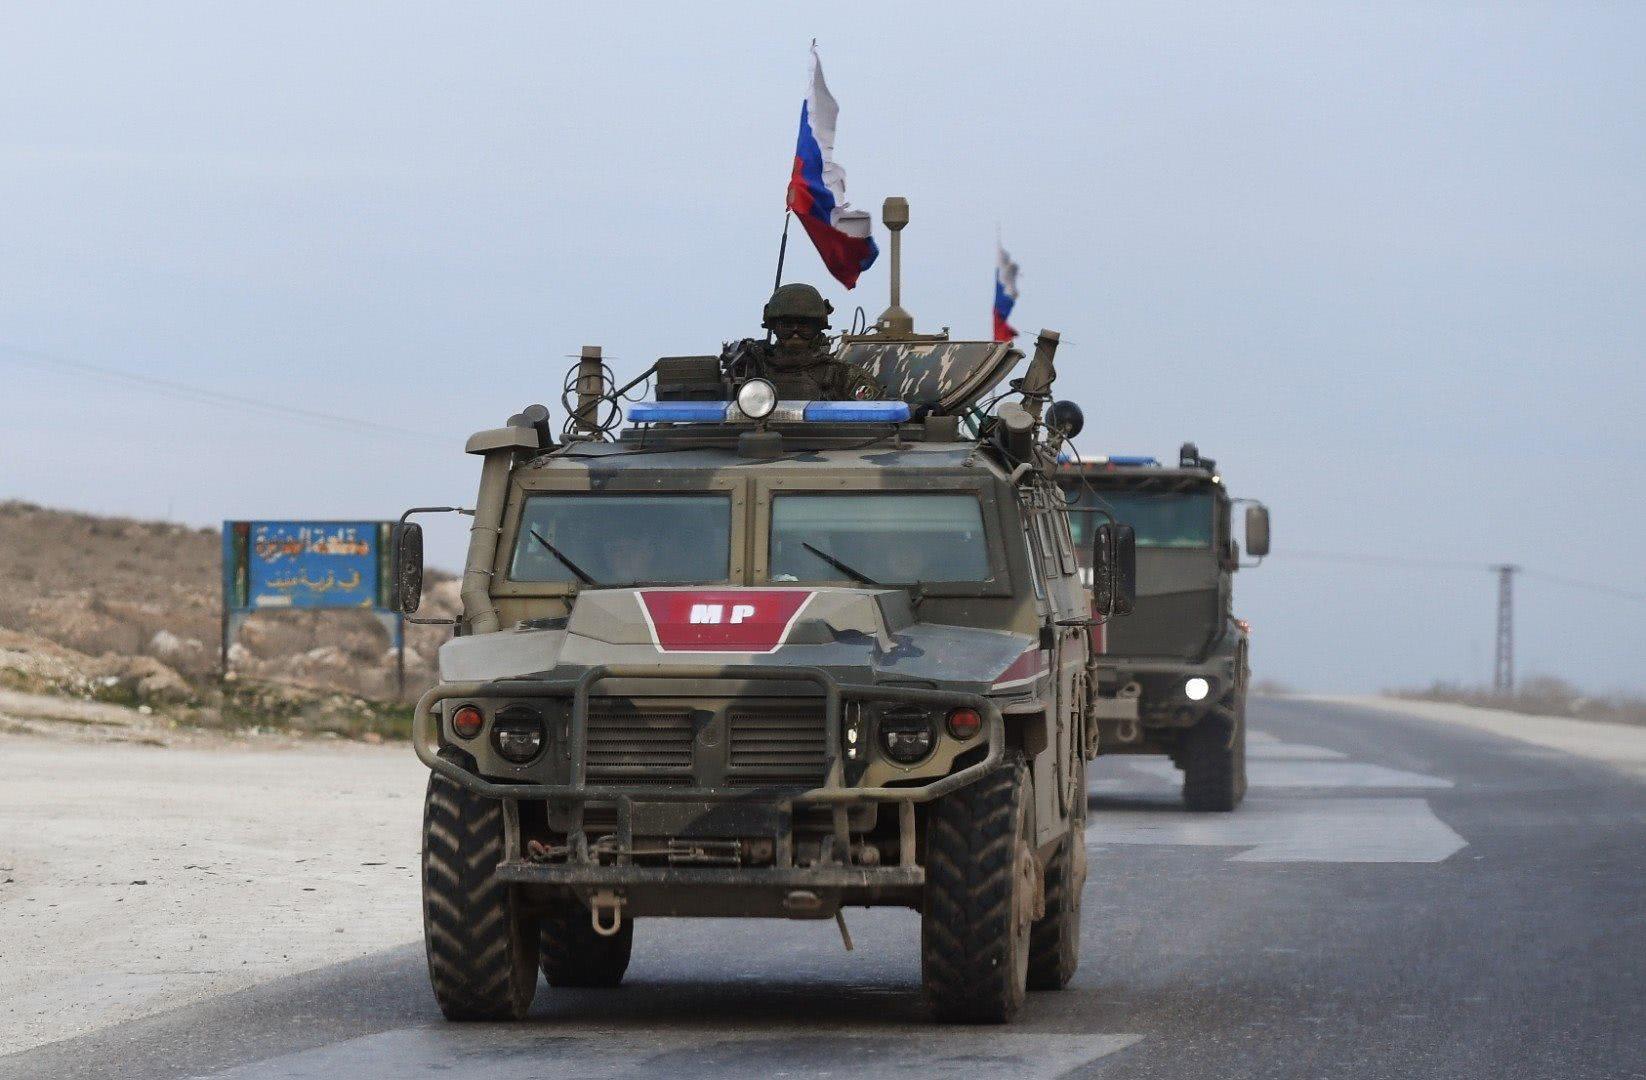 阿萨德为俄军出气!出兵拦截美军巡逻车队,下令敢硬闯就开火